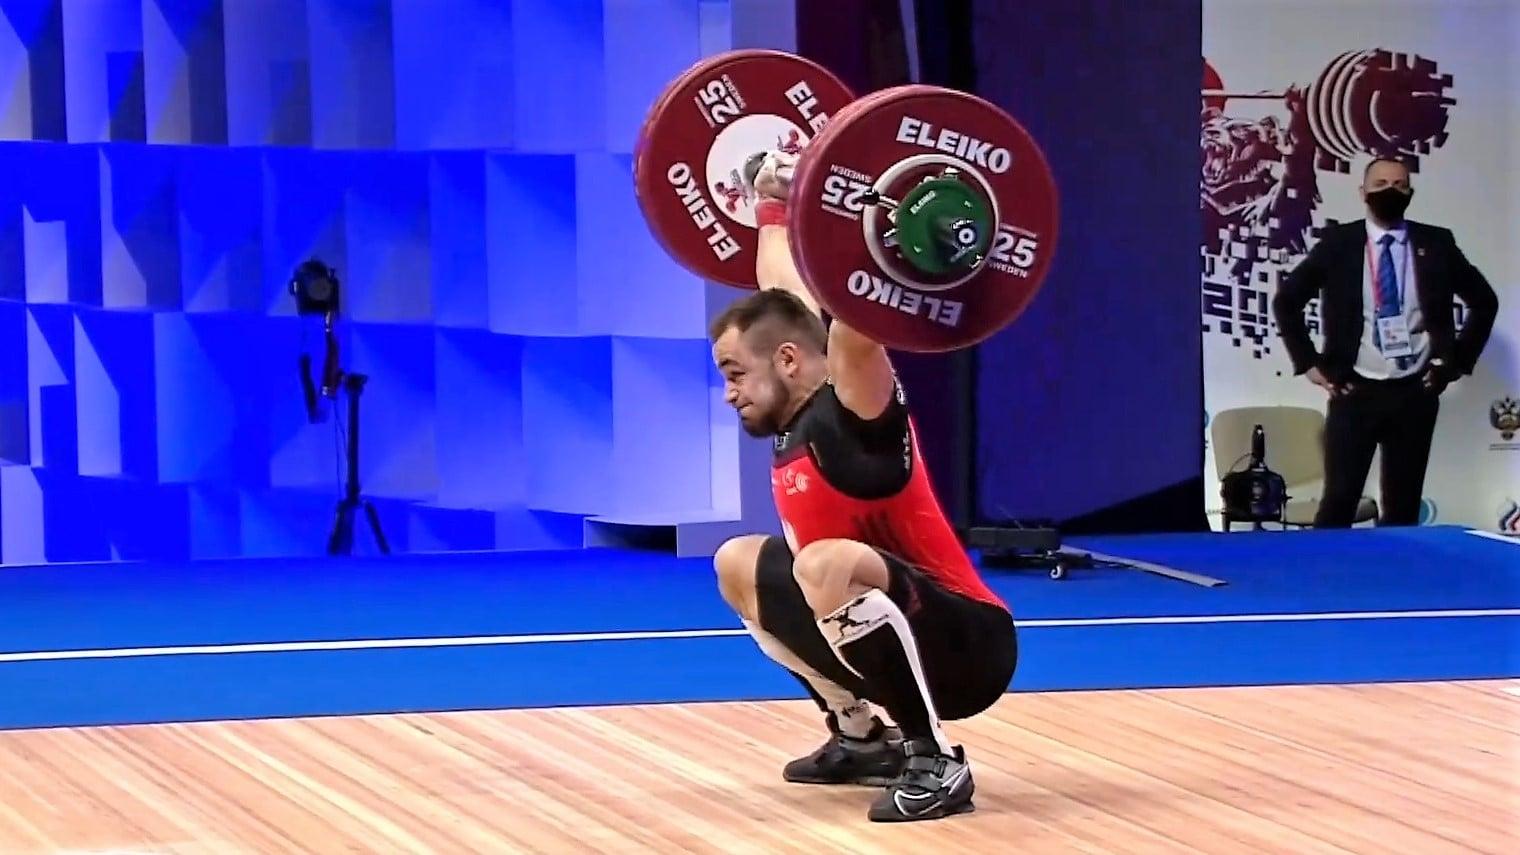 Ilustracja do informacji: Piotr Kudłaszyk z wynikiem 316 kg w dwuboju